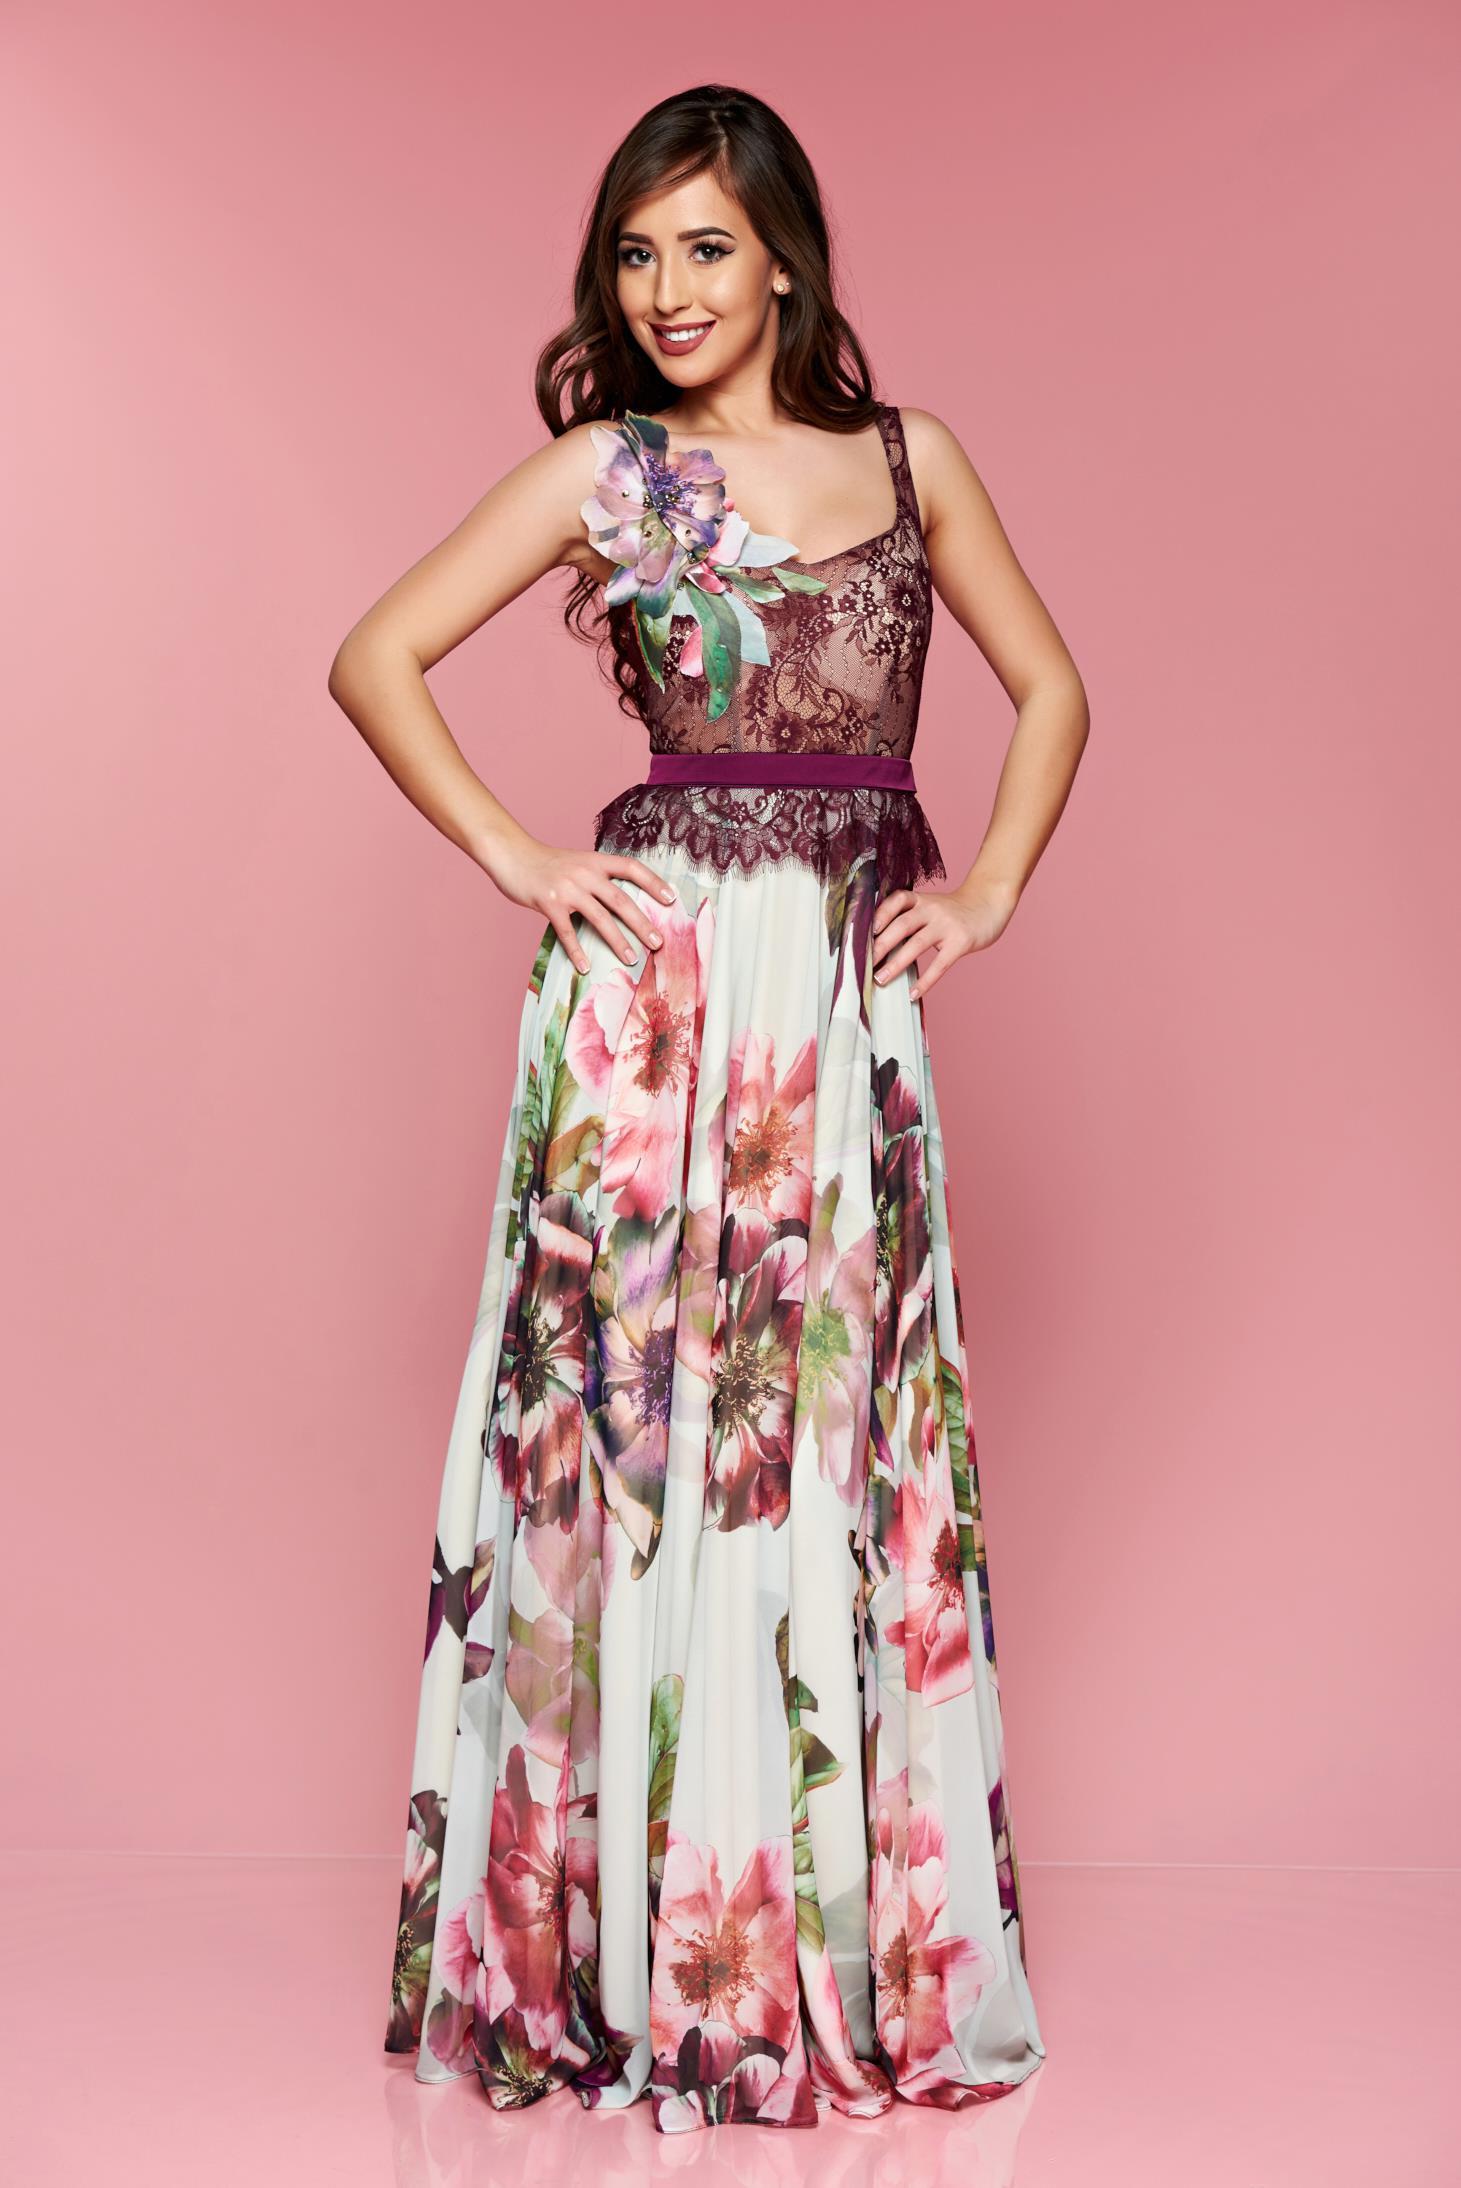 fd811f8a7d Lila LaDonna virágmintás alkalmi ruha hosszú csipkés anyagból